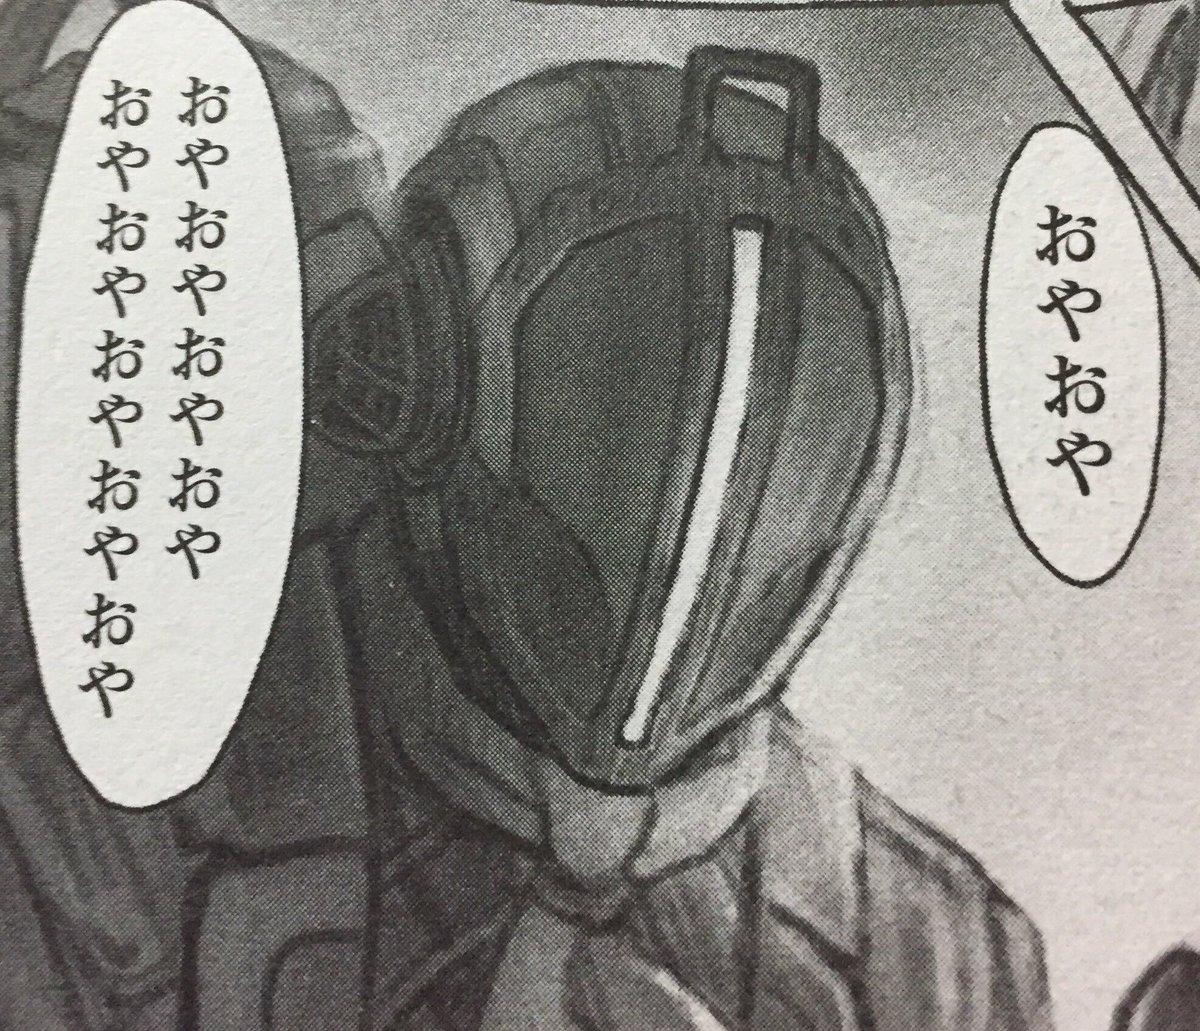 アビス 54 イン メイド